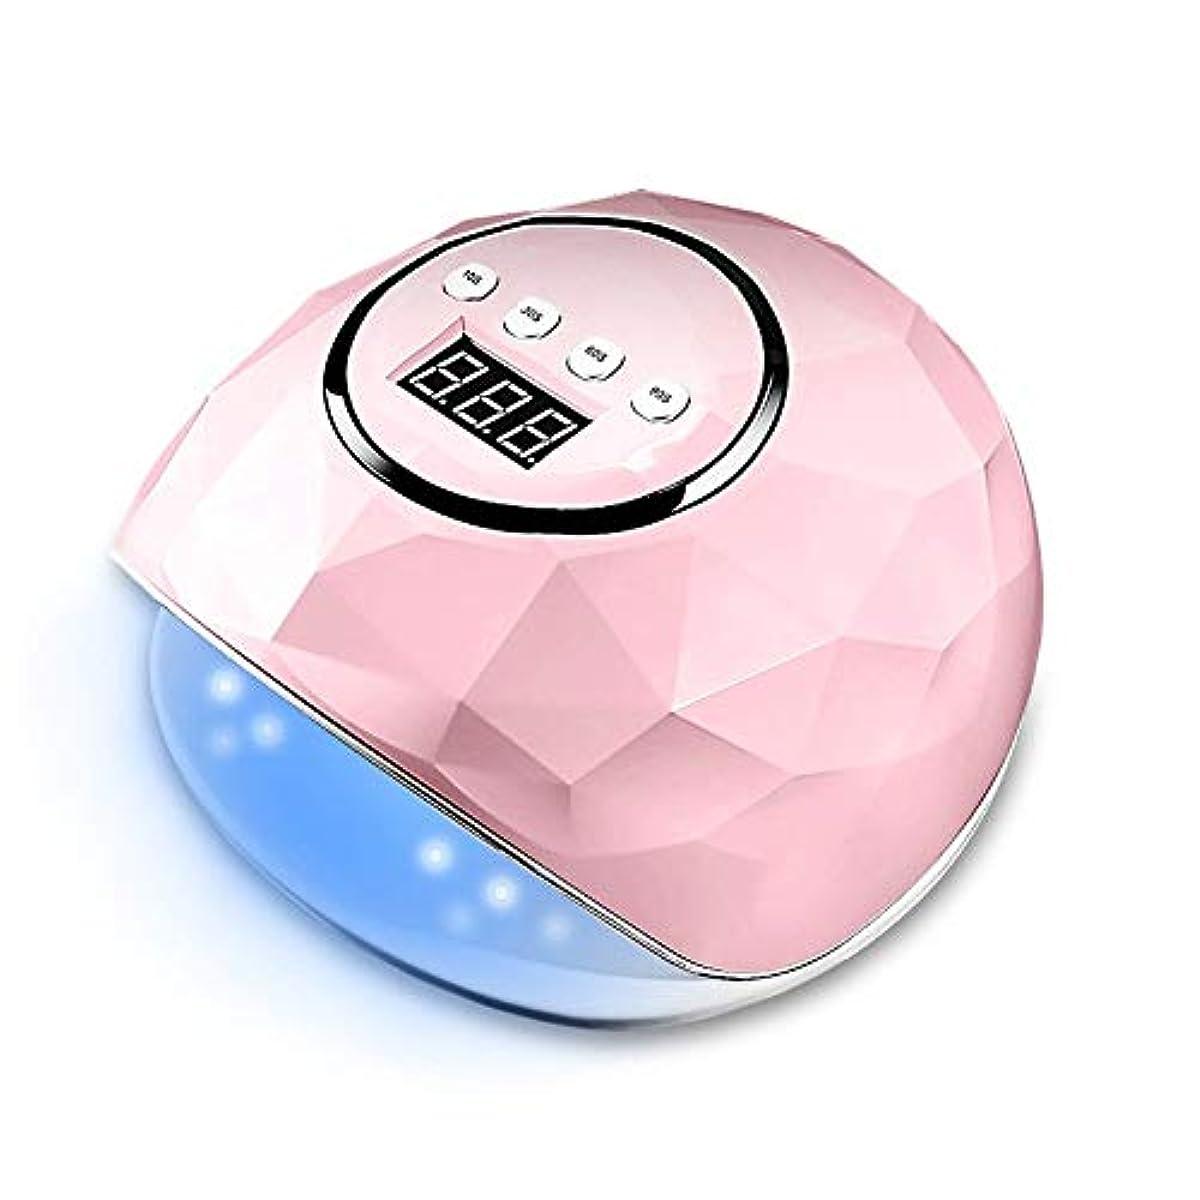 残酷一フィードバックUV光LEDネイルドライヤージェルマニキュアおよびつま先ネイル硬化用自動硬化ランプ(自動センサー付き)(ピンク)